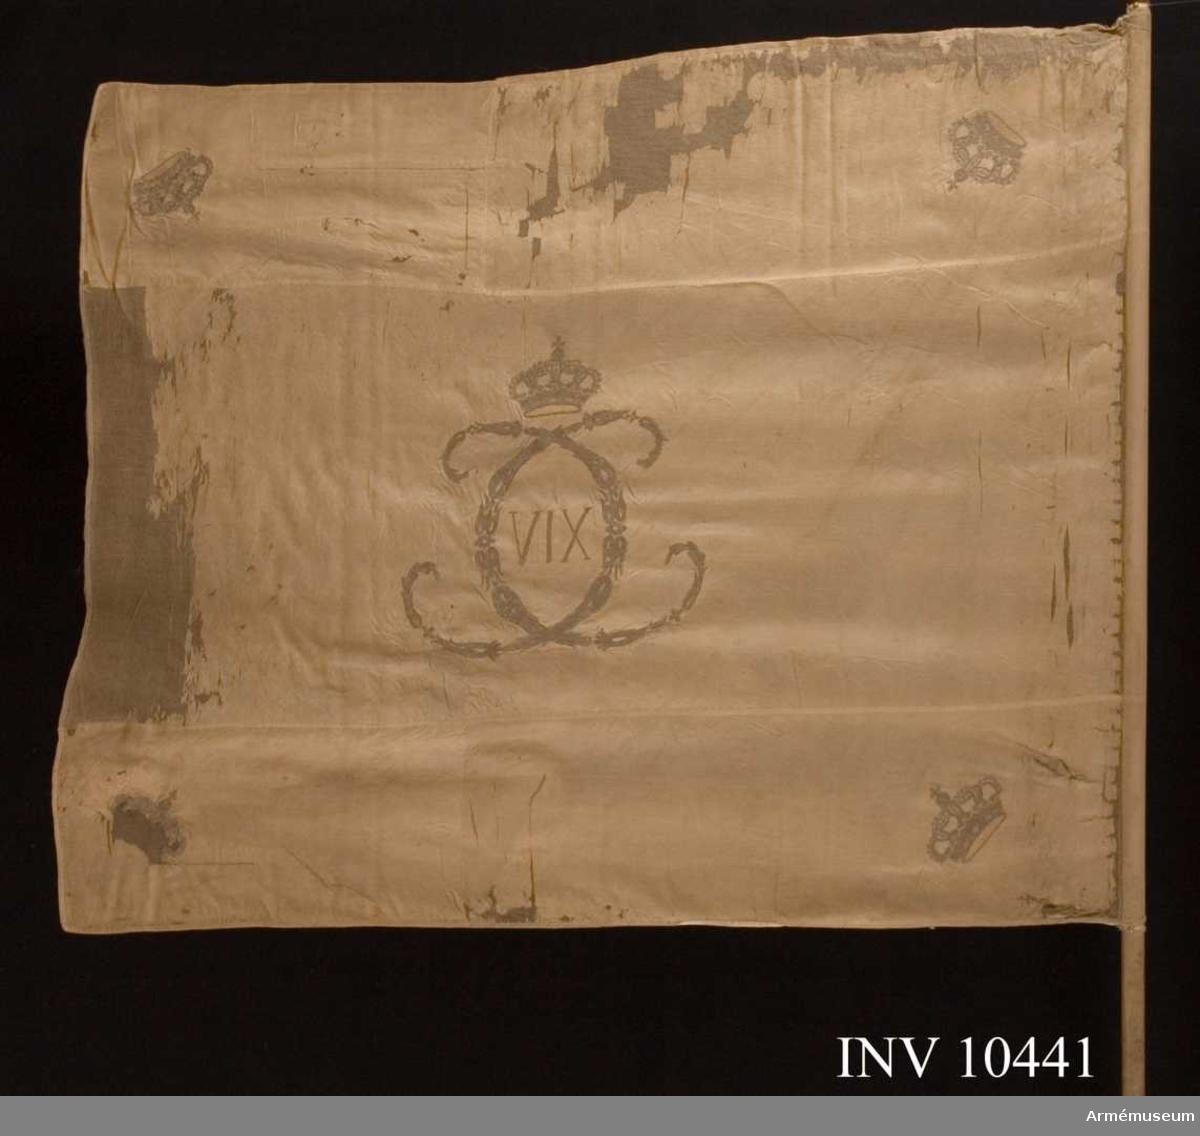 Grupp B I.  Fana vid Svea livgarde under Karl XIII:s och Karl XIV Johans regering. Fanduk av vit sidenkypert varå broderat omvänt lika å båda sidor med guld. Karl XIII:s (XIV) namnchiffer, dubbelt av små ornament bildat C under sluten krona med rött foder, pärlor i silver, stenar i olikfärgat silke. I hörnen liknande kronor, kantad med vitt sidenband, fäst med liknande band och förgyllda spikar. Övre, yttre kronan saknas. Stång av vitmålad furu, avsågad. Fanspets Karl XIV Johan.